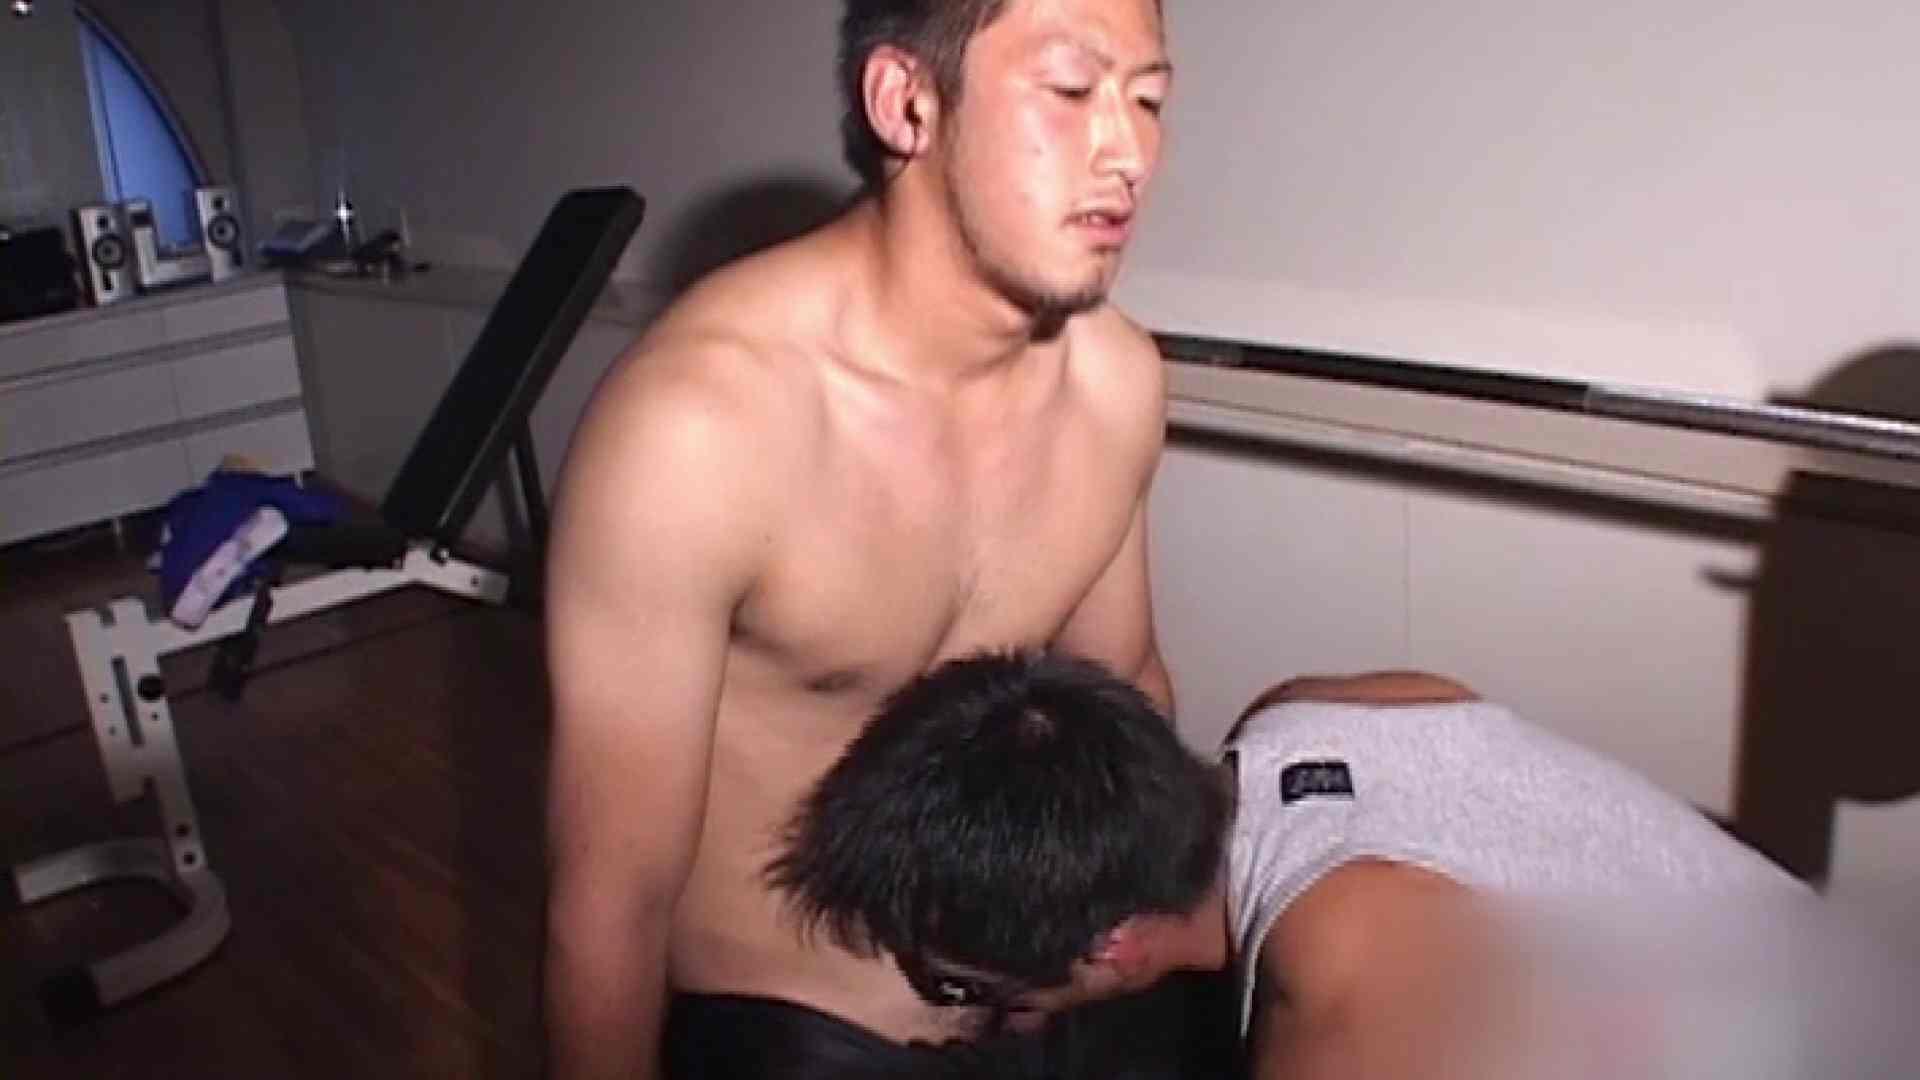 珍肉も筋肉の内!!vol.1 アナル舐め ゲイエロビデオ画像 66pic 41